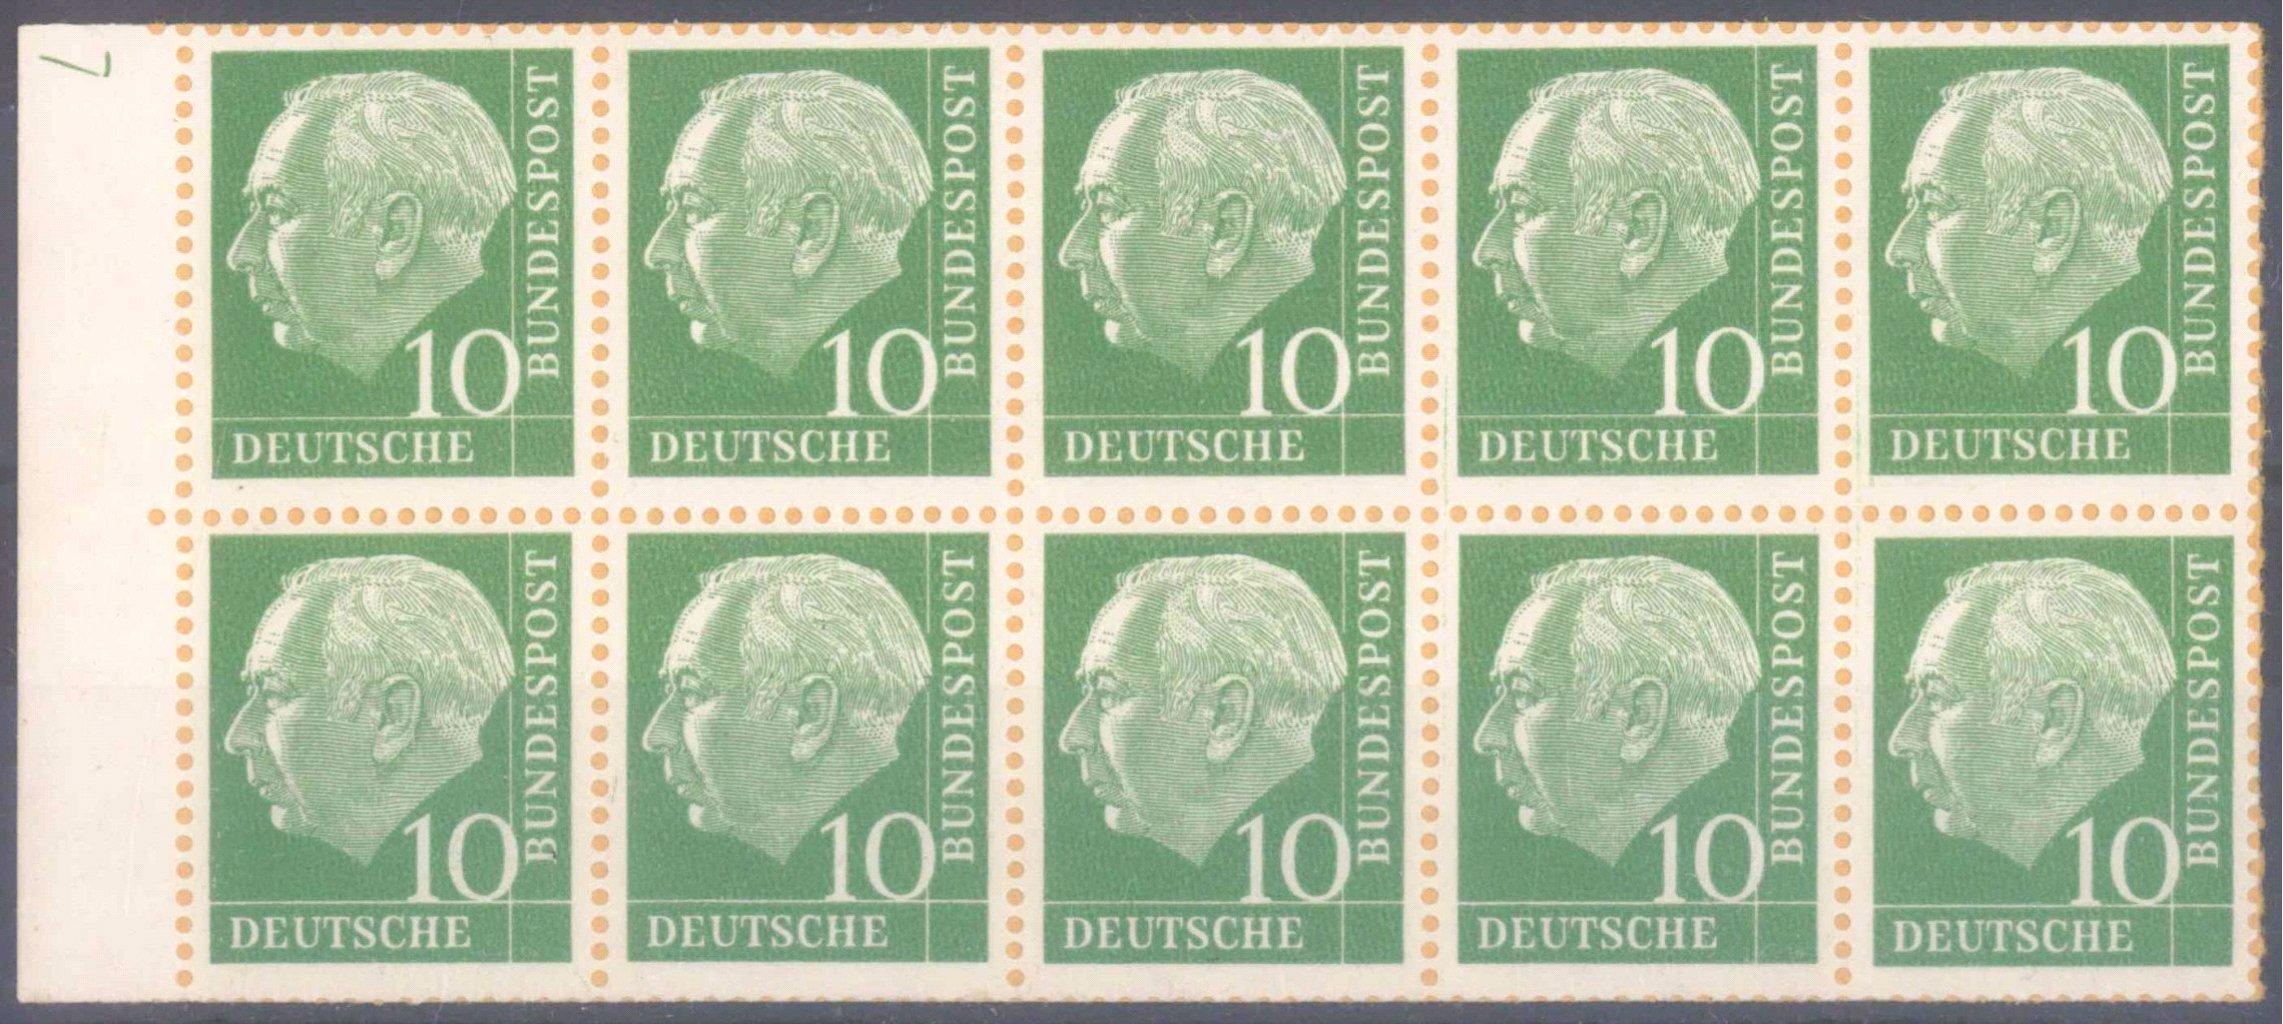 1960 HEUSS H-Blatt 10 f b aus Markenheftchen der NACHAUFLAGE